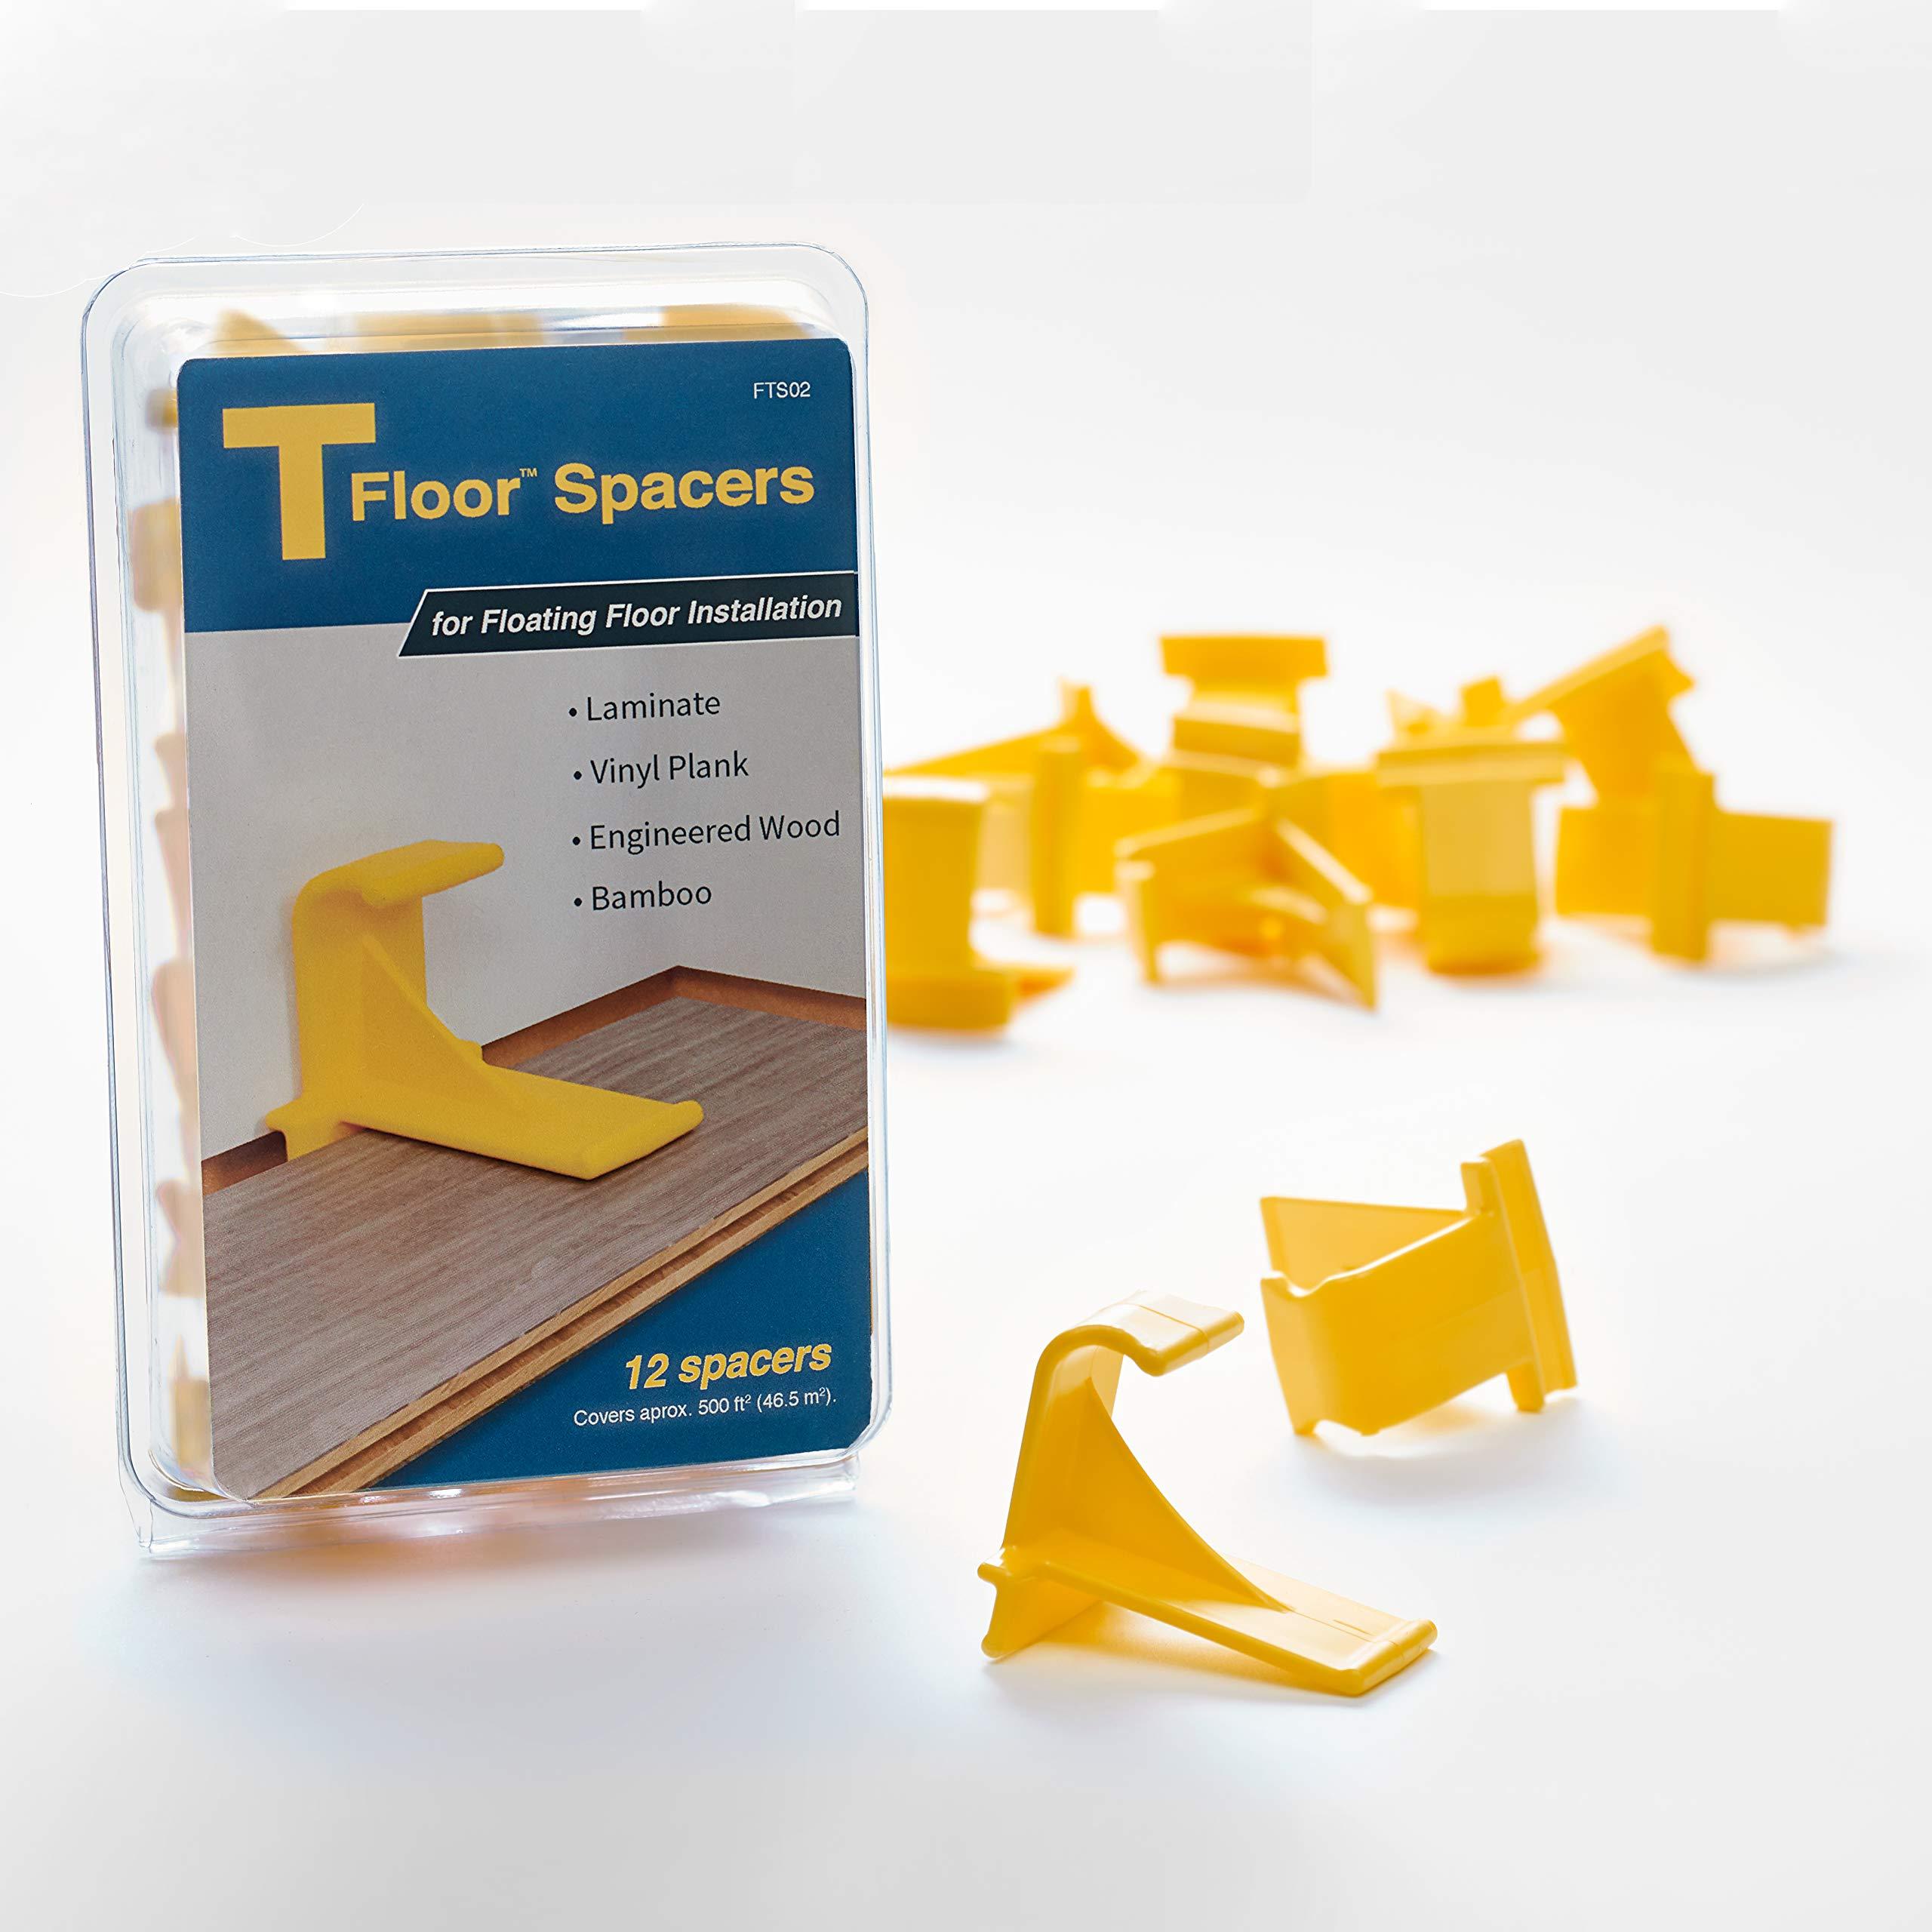 TFloor Spacers | for Laminate Wood Flooring, Vinyl Plank, Hardwood & Floating Floor Installation by Tfloor